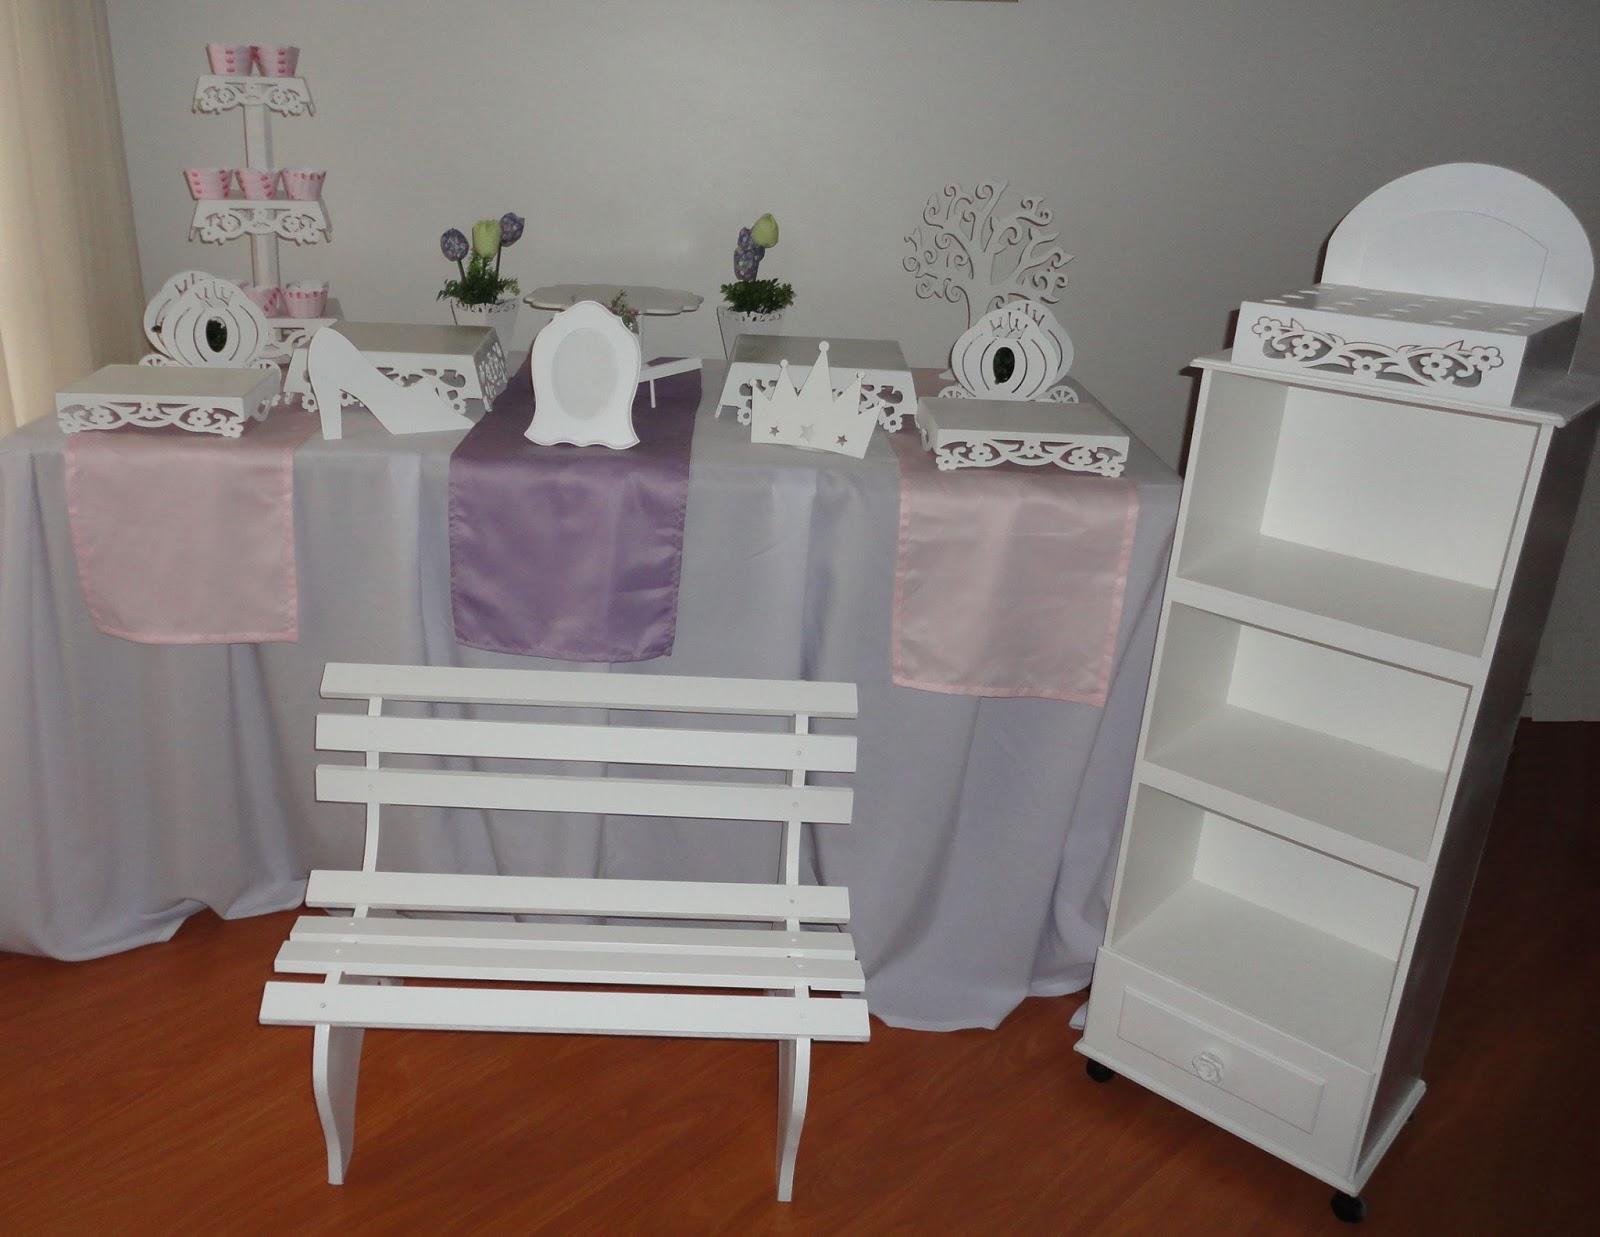 banco de jardim infantil: Completo – Inclui Porta-lembrancinha, banco de jardim Infantil